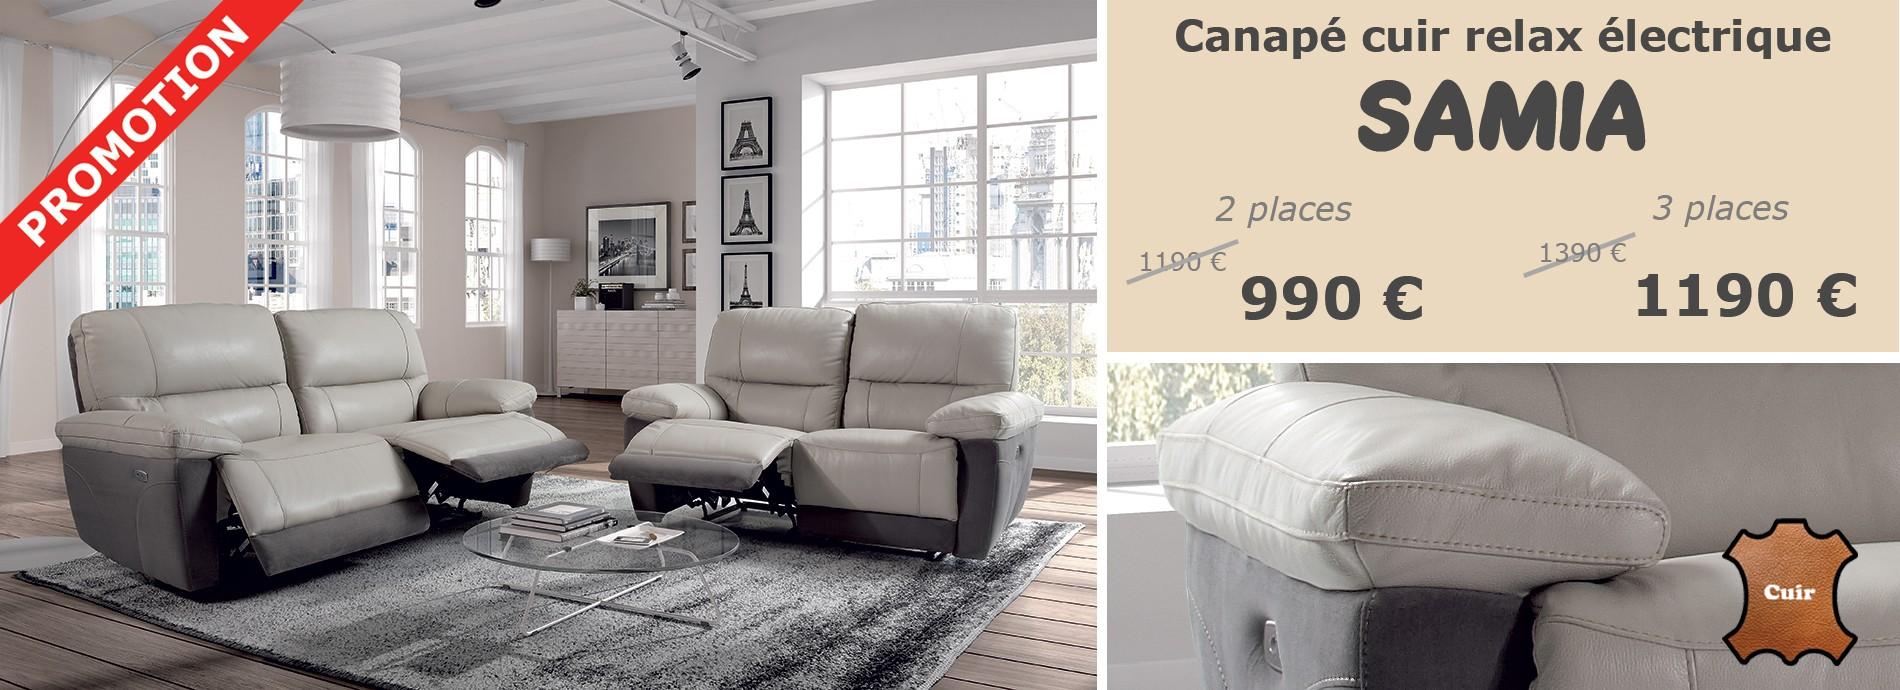 Promotion exceptionnelle sur le canapé relax électrique SAMIA